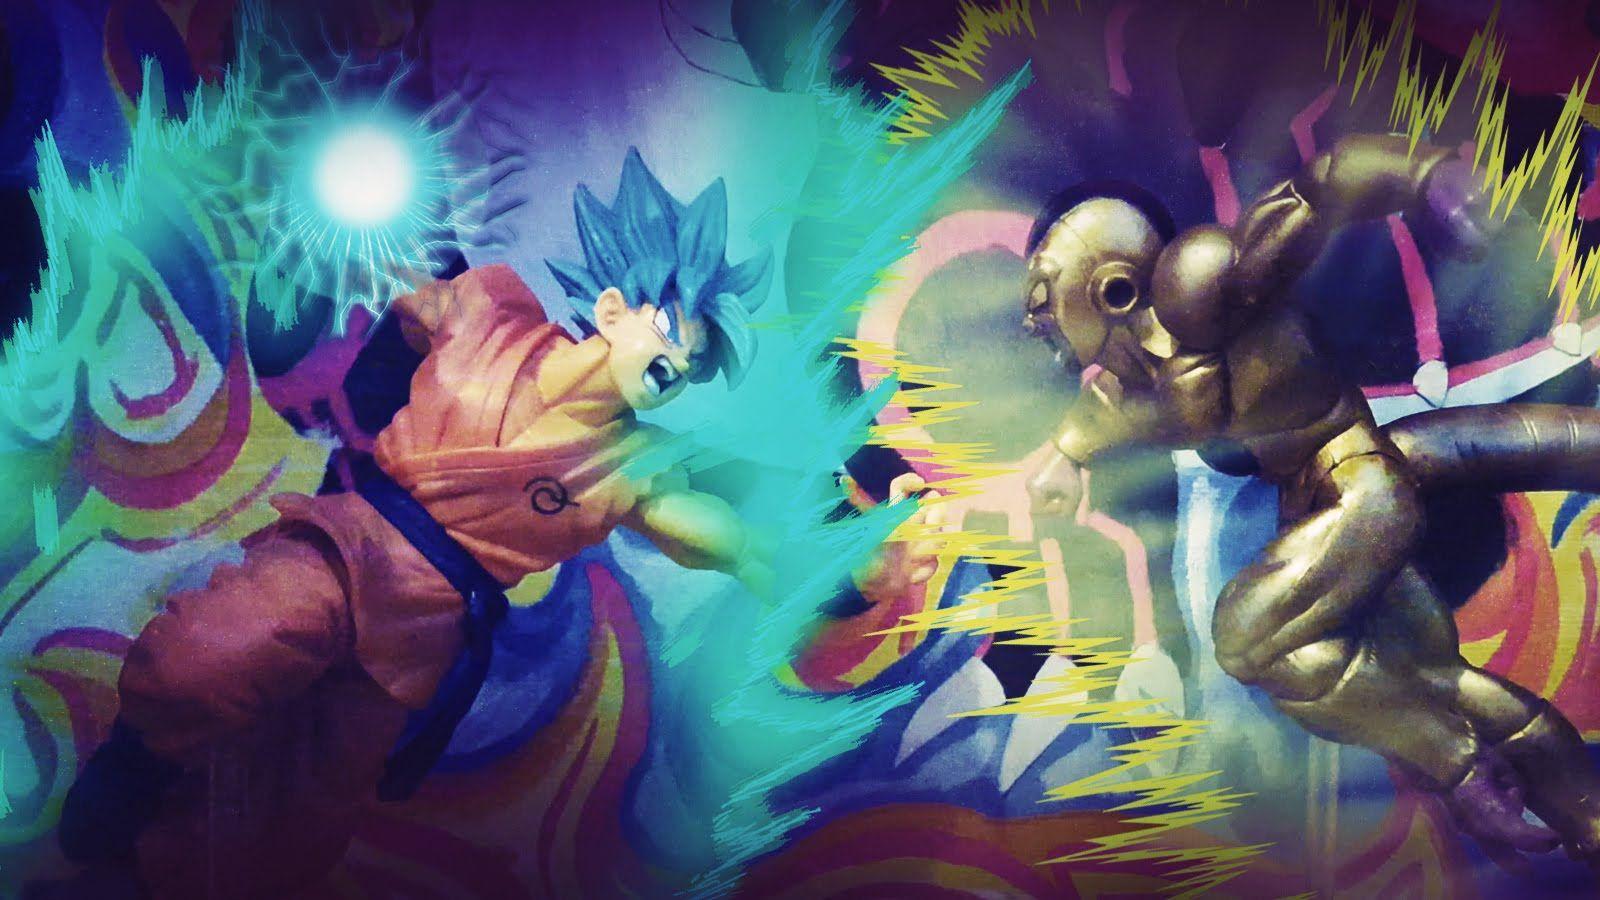 Cool Goku Vs Frieza Wallpapers Pandu Wallpaper Cave